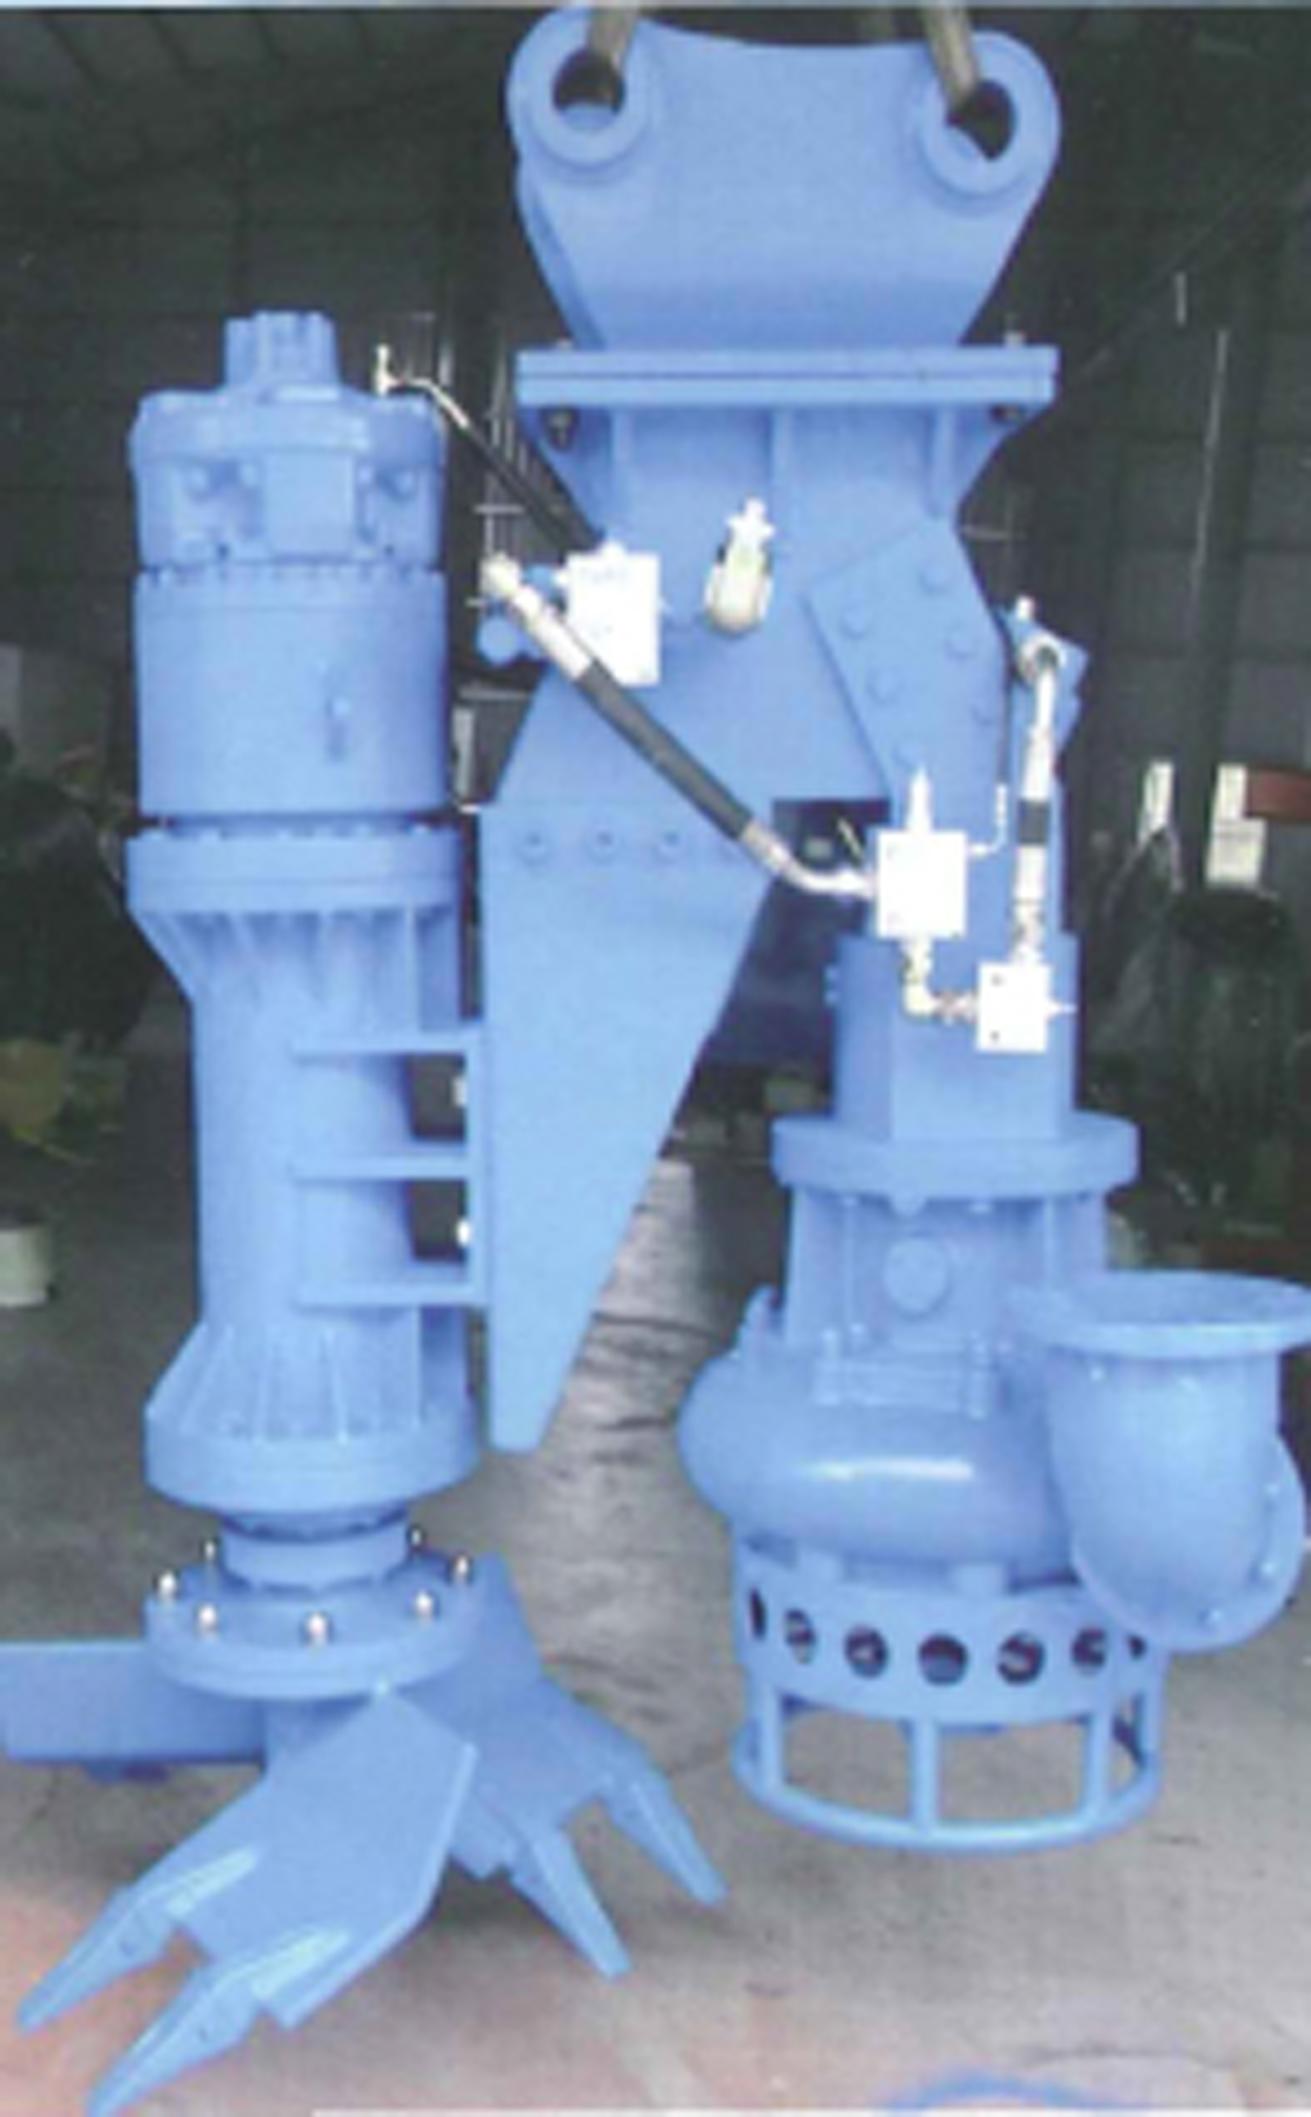 tsurumi krs-150 насос схема монтажа